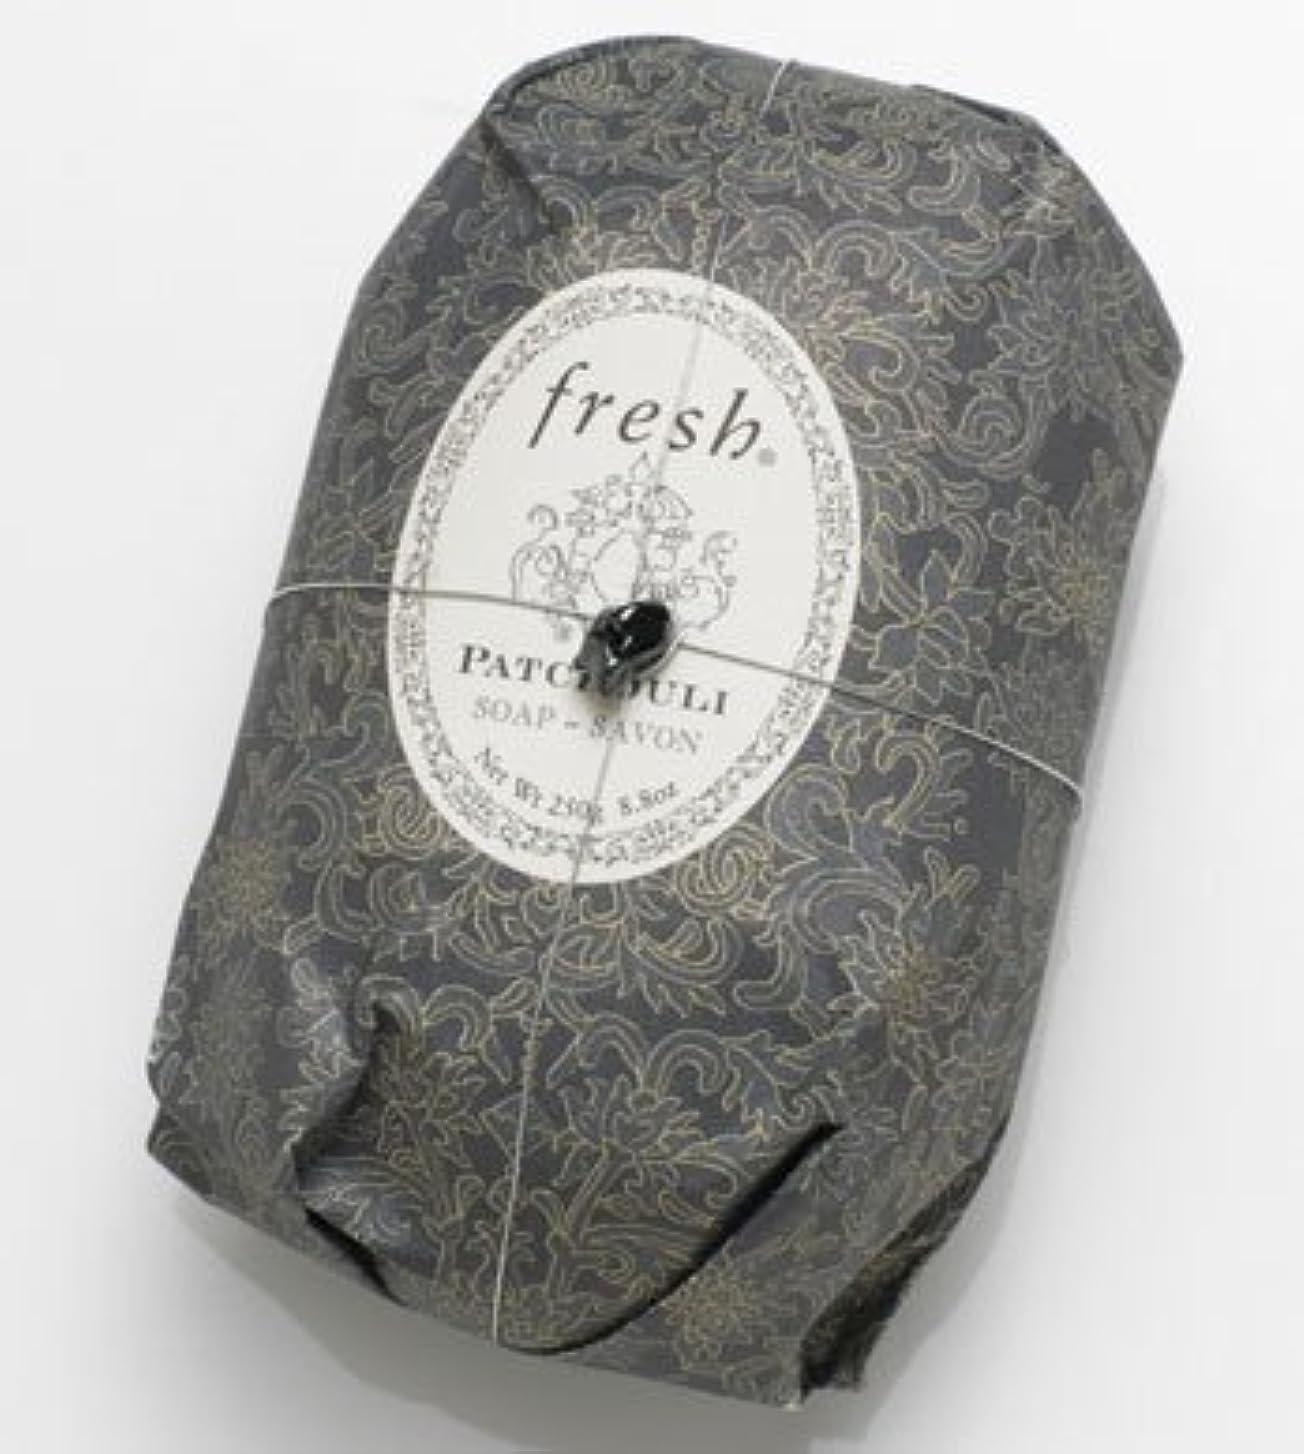 理解する革新彼らのものFresh PATCHOULI SOAP (フレッシュ パチョリ ソープ) 8.8 oz (250g) Soap (石鹸) by Fresh